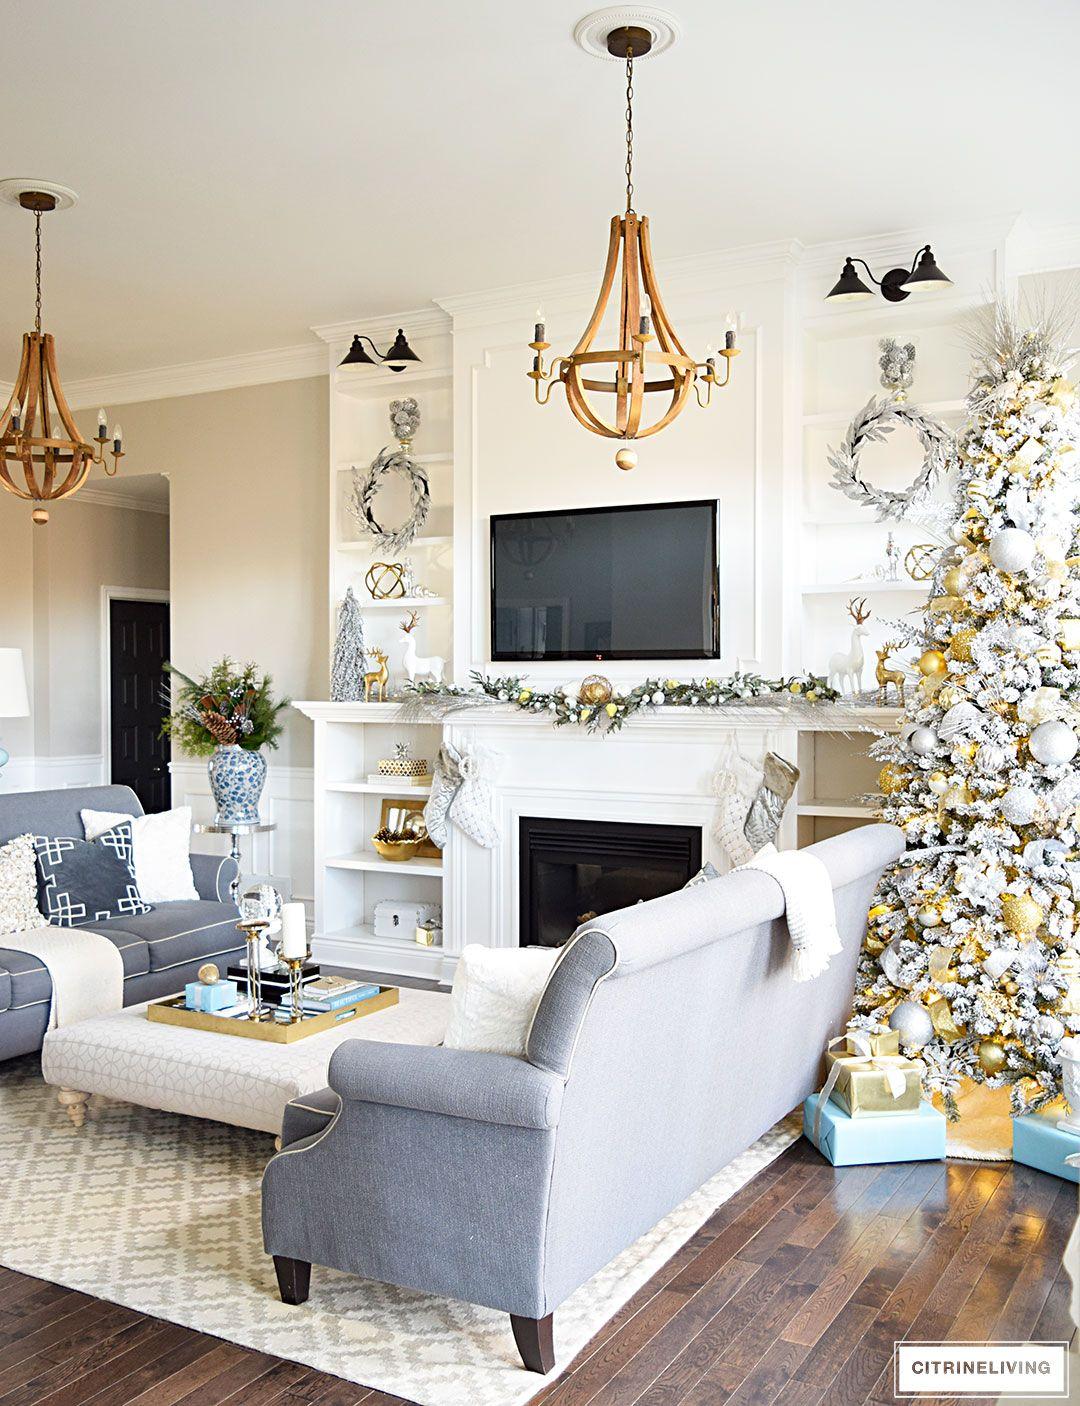 Living Room Showcase Design: Christmas Decor Inspiration